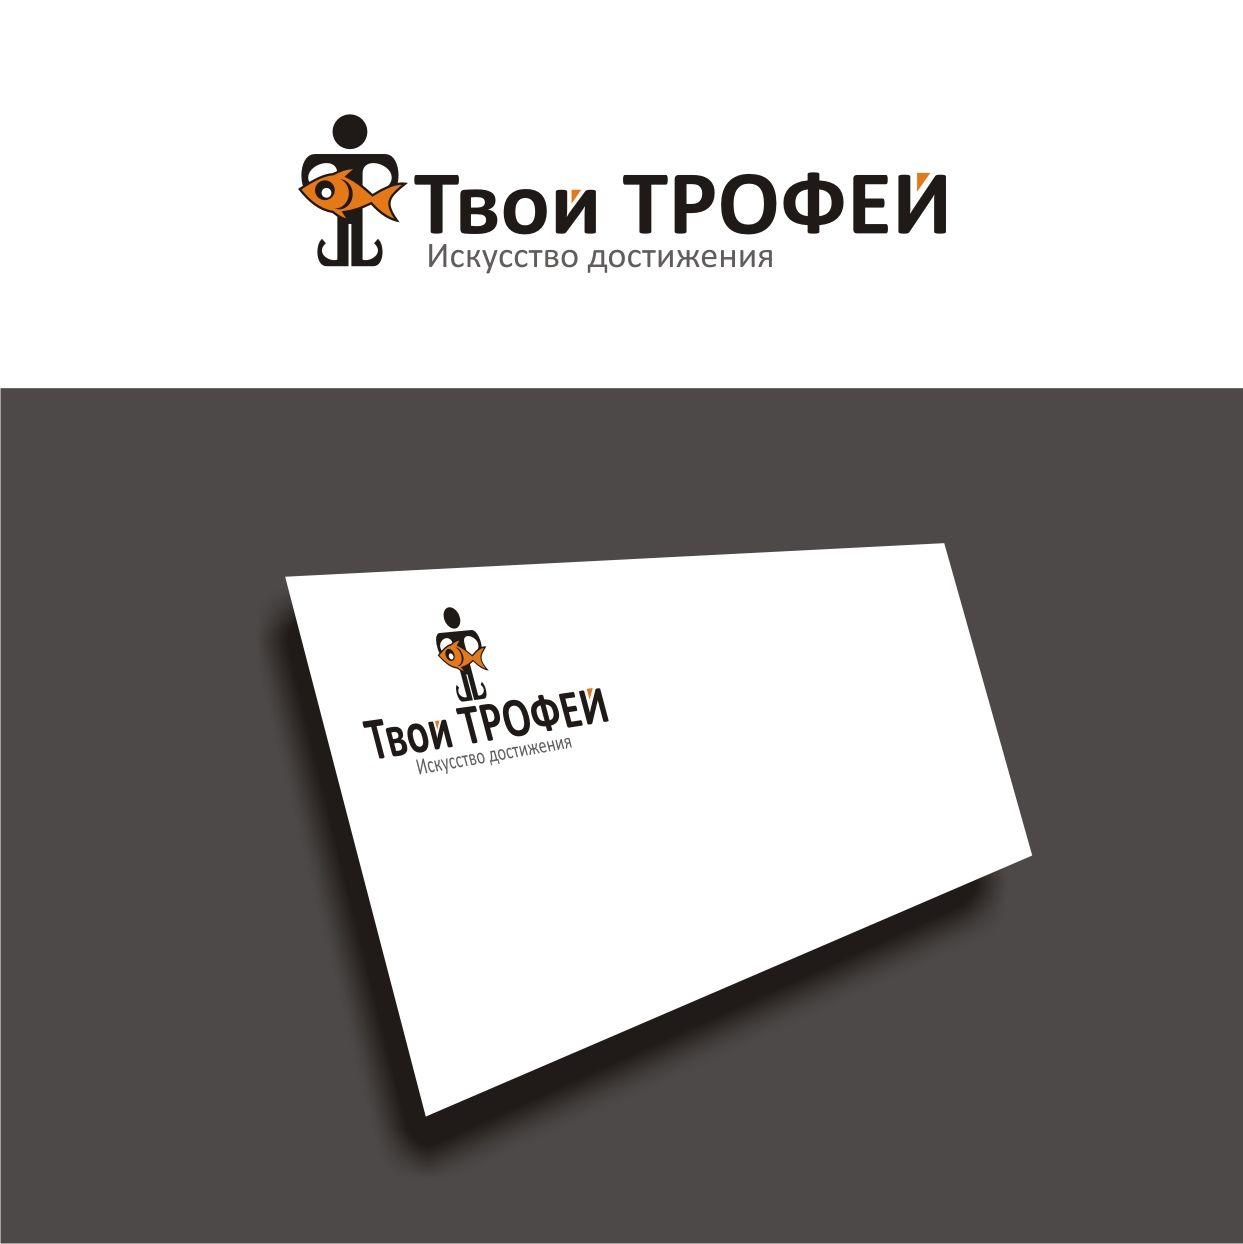 Создание логотипа для Твой Трофей - дизайнер LiXoOnshade